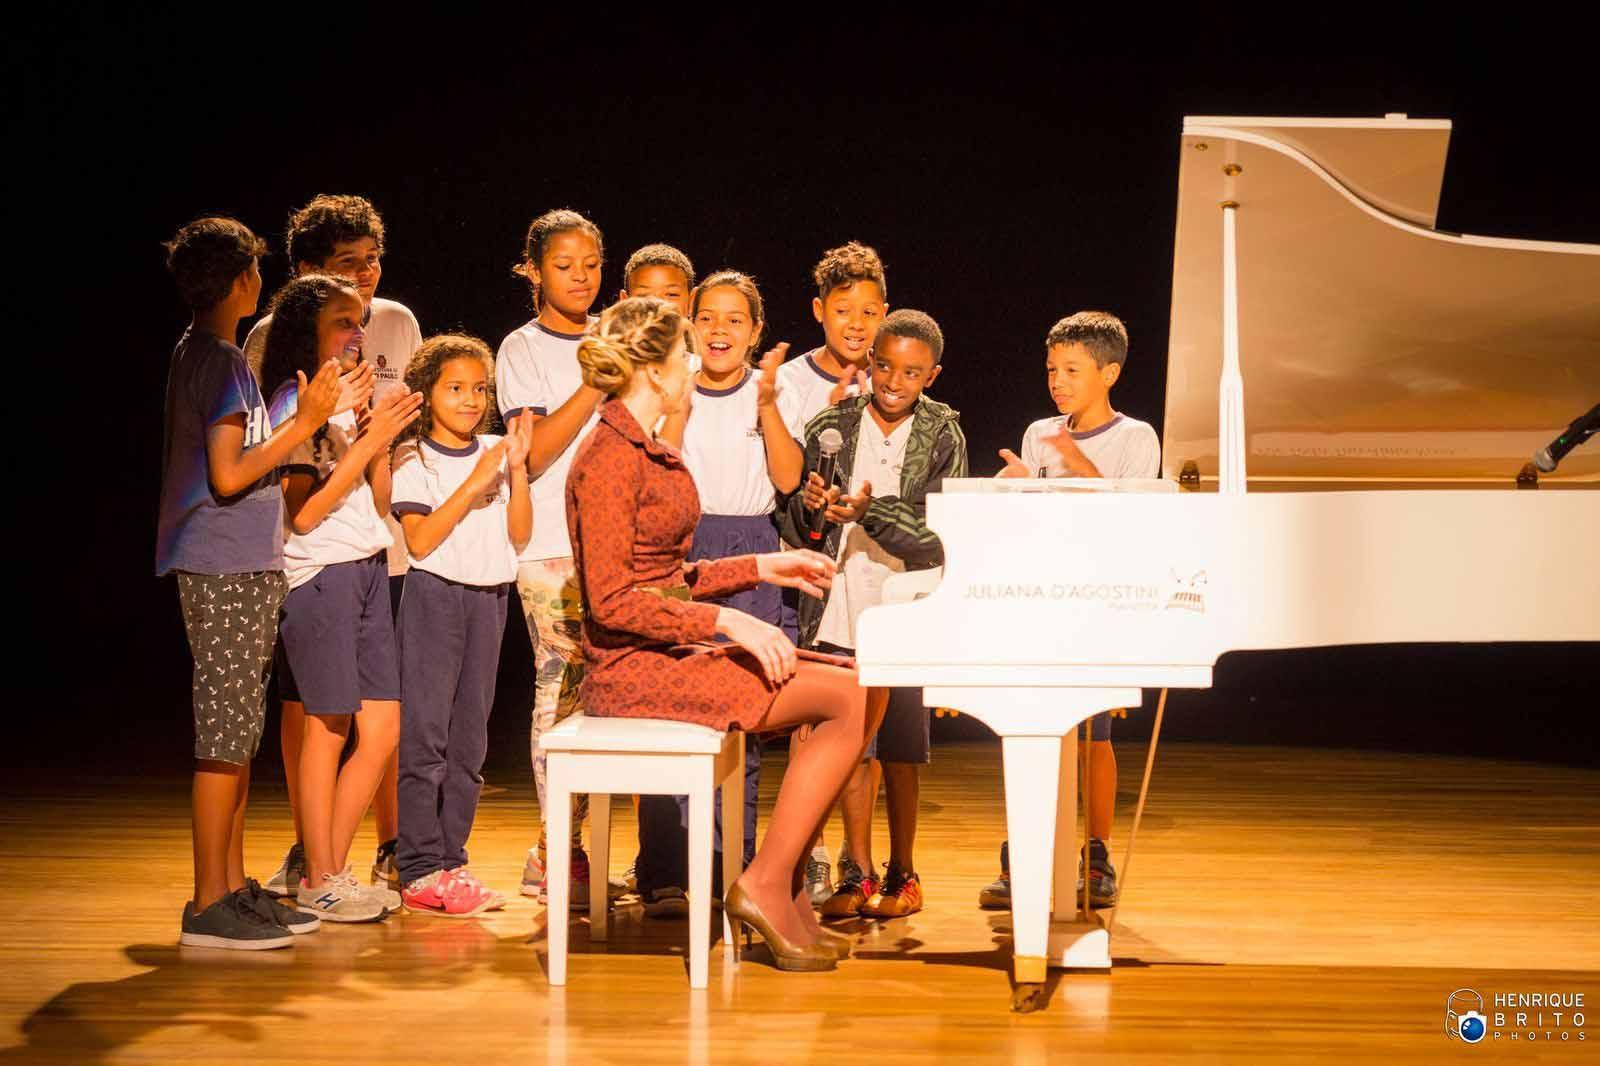 crianças aplaudindo pianista palco teatro